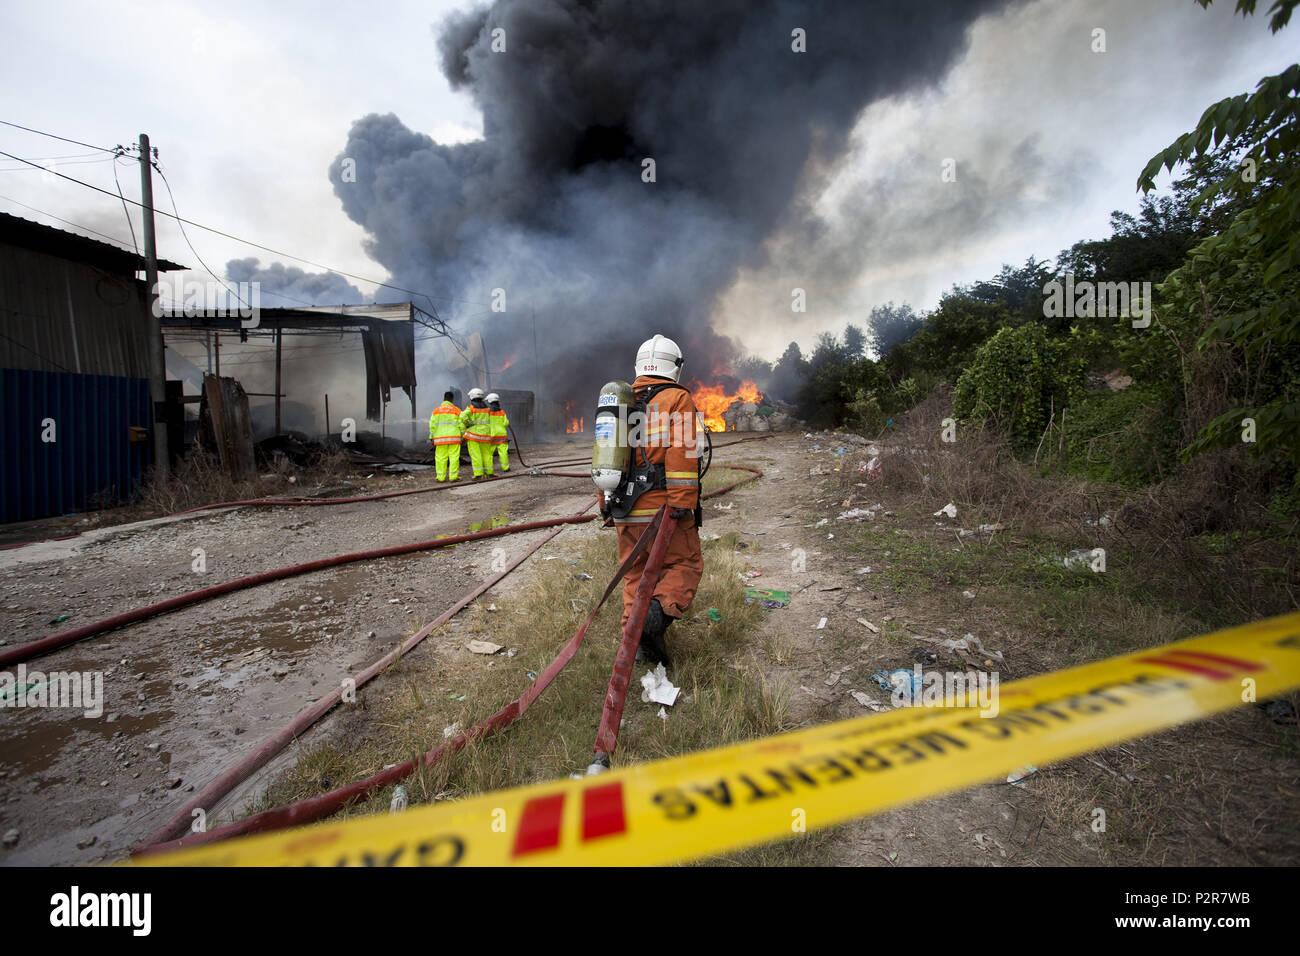 Sungai Petani, Kedah, Malaysia  16th June, 2018  A fireman is